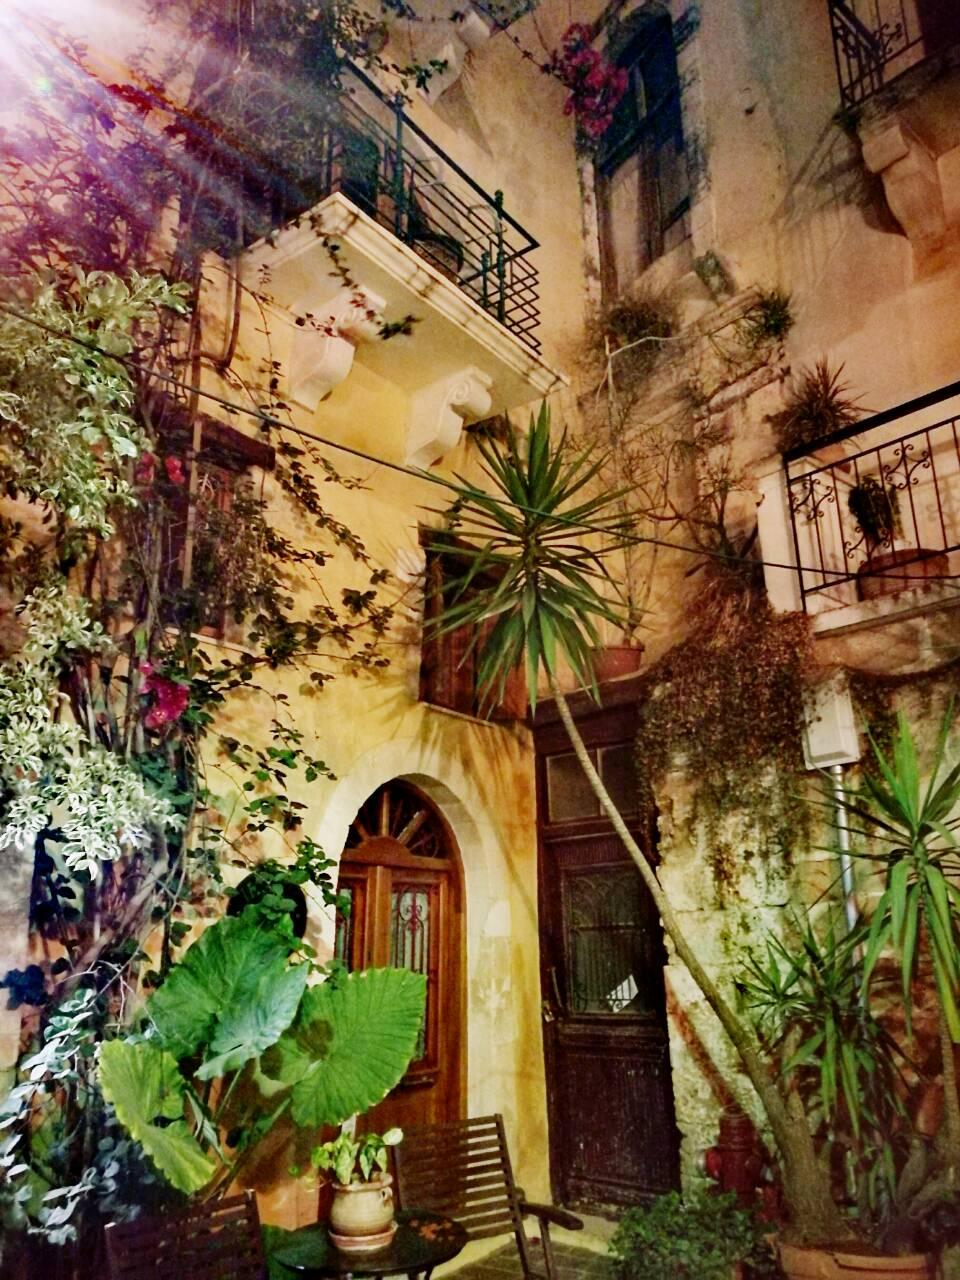 Το πατρικό σπίτι όπου μεγάλωσα, οδός Θεοτοκοπούλου και Α. Γαμπά, παλιά Πόλη, Χανιά